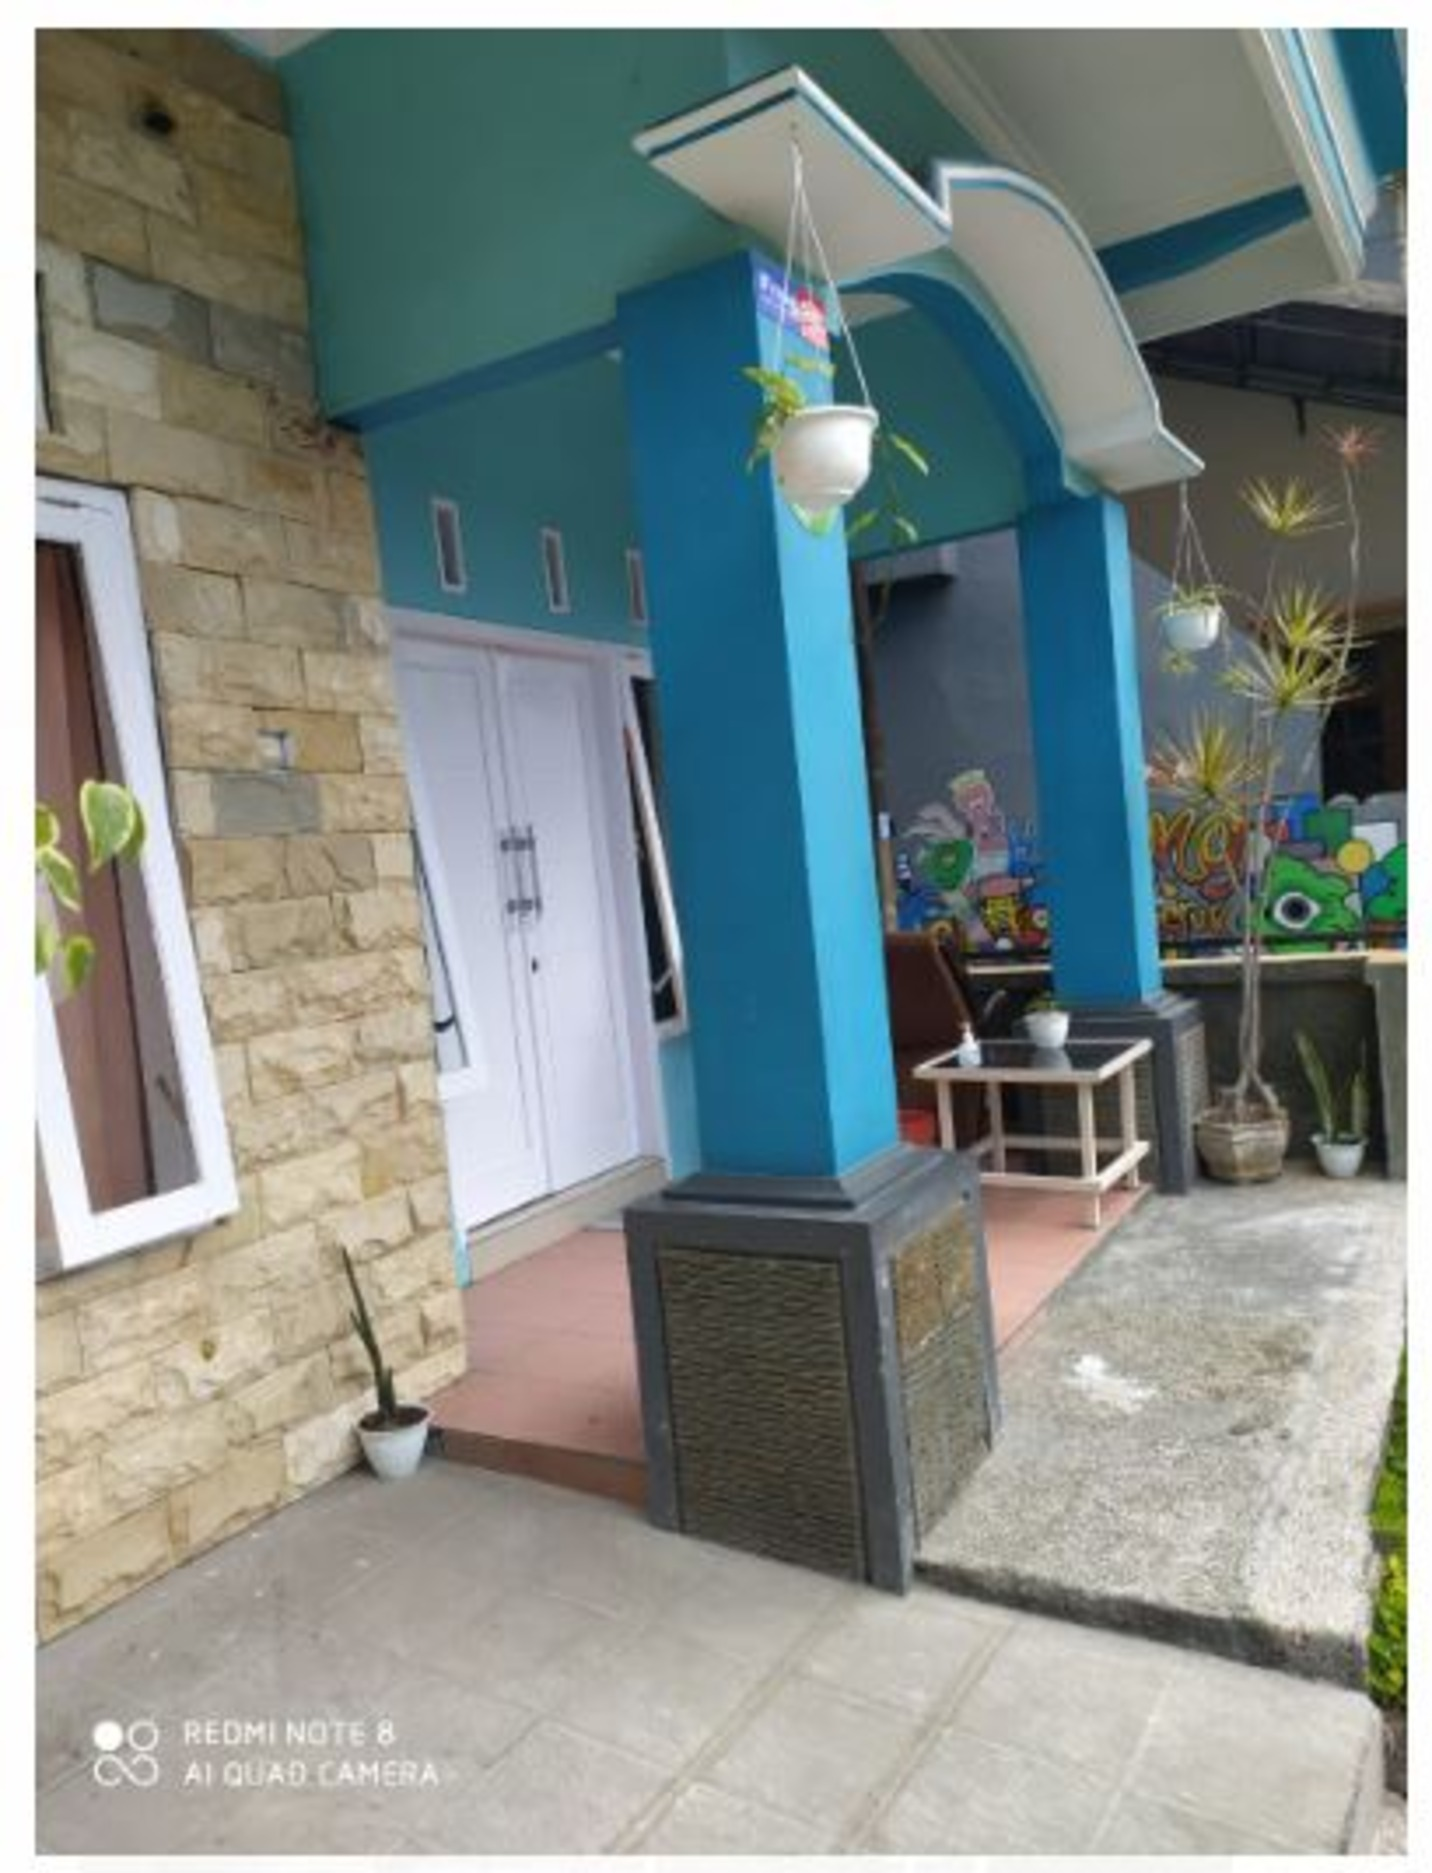 Guest House Biru, Malang